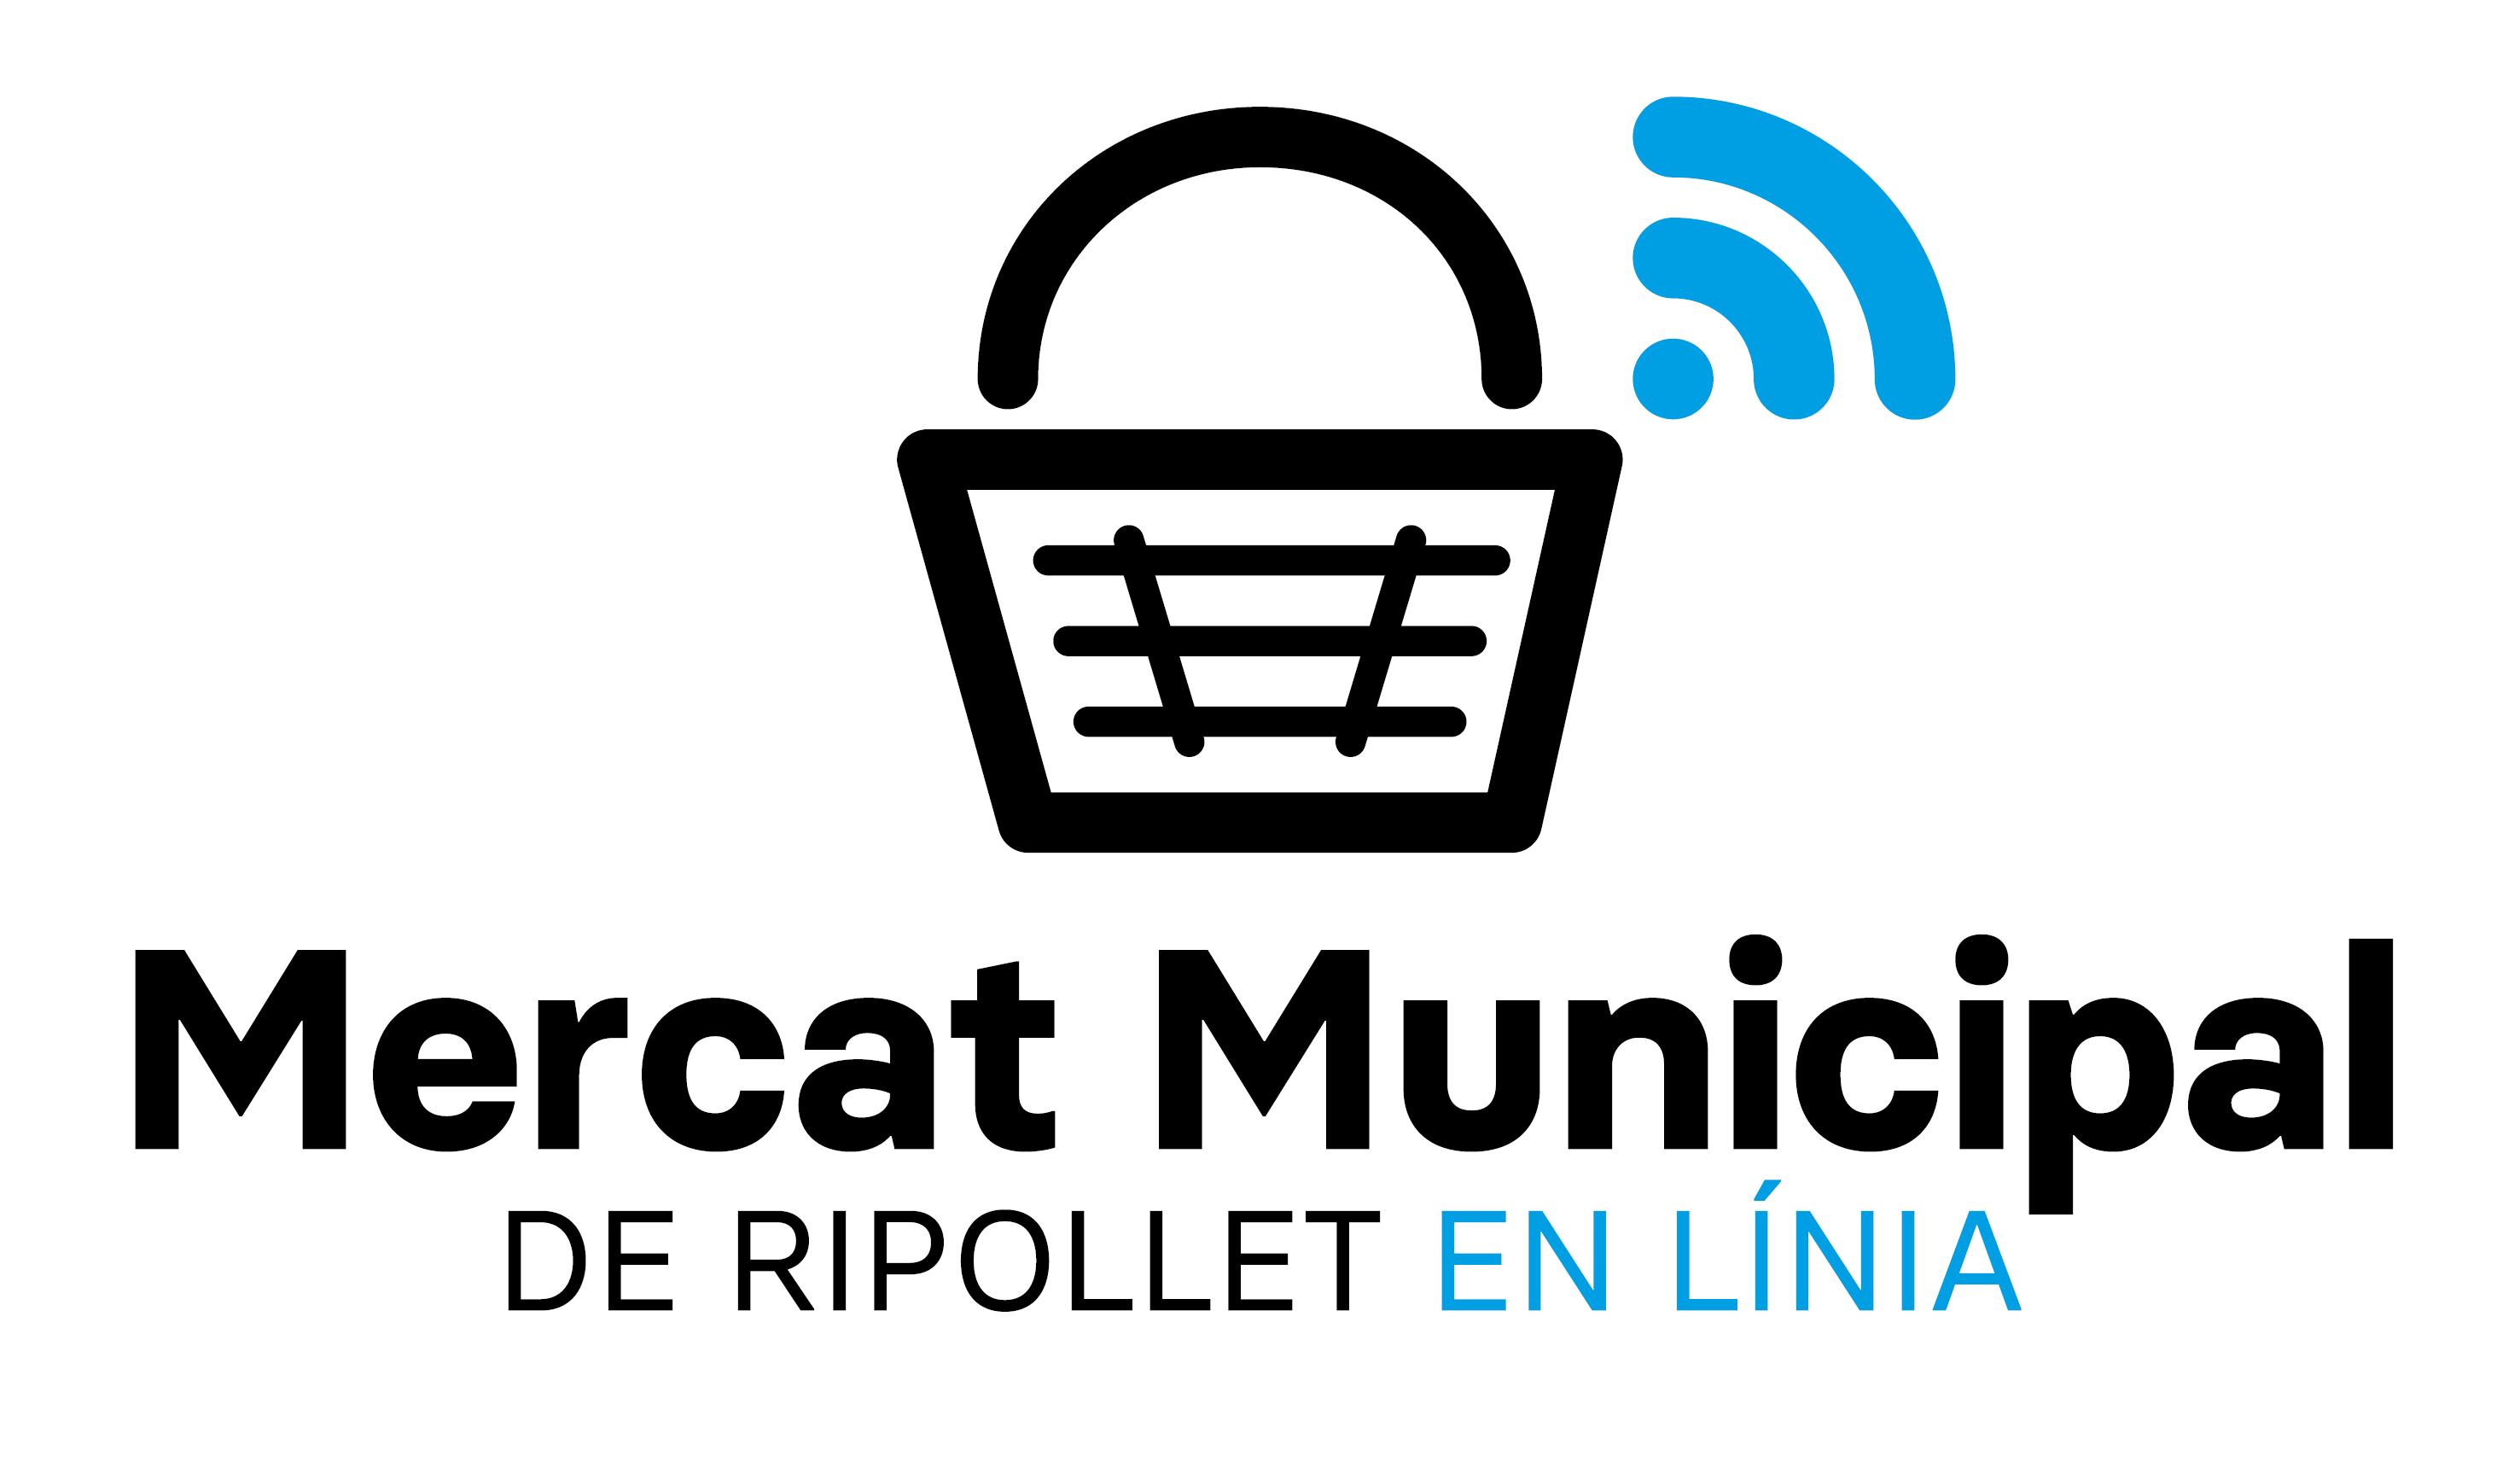 Mercat de Ripollet